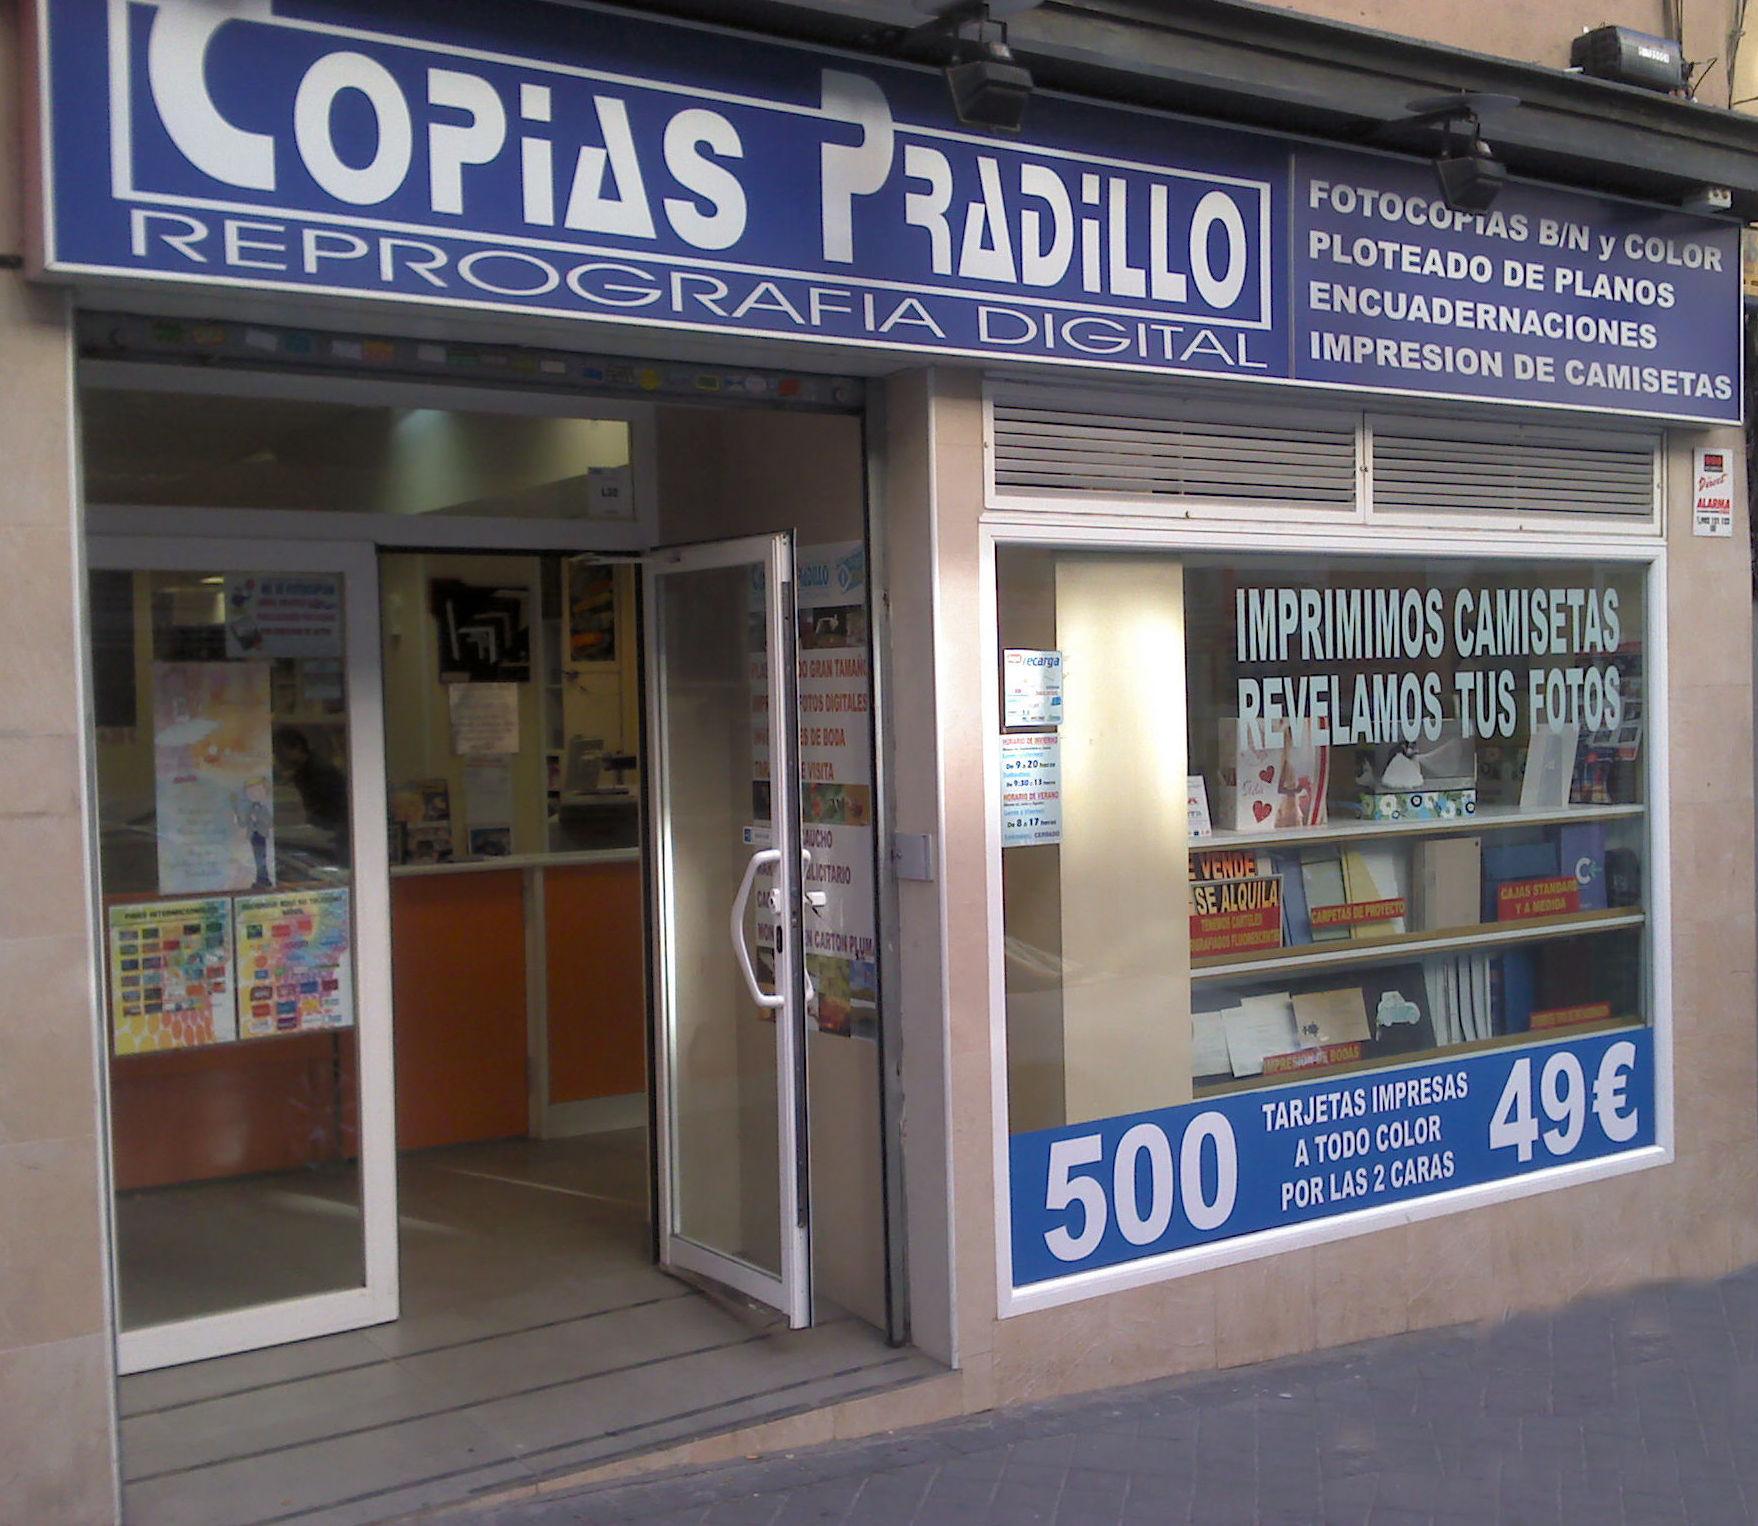 La mejor calidad y servicio: Productos y servicios de Copias Pradillo